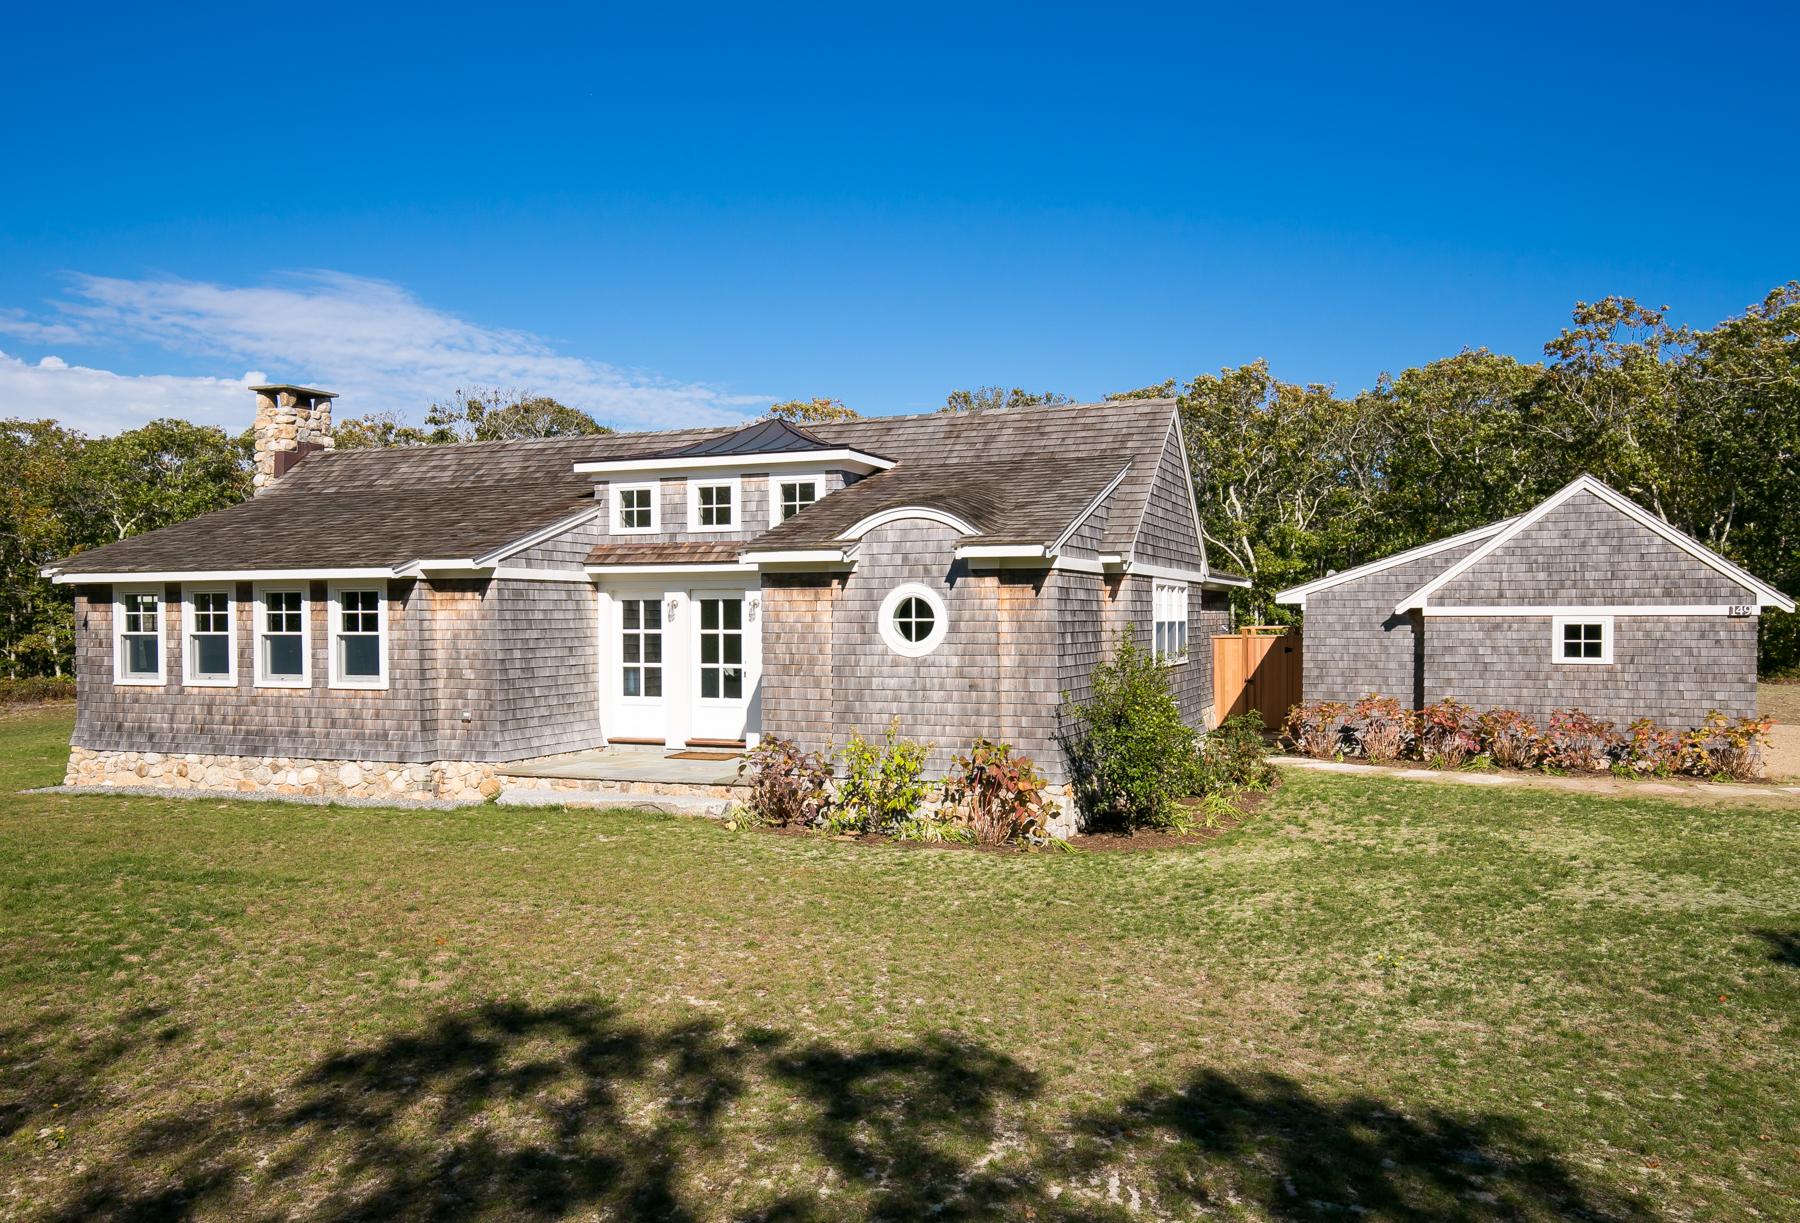 一戸建て のために 売買 アット Custom Home on Chappaquiddick 149 Litchfield Road Edgartown, マサチューセッツ 02539 アメリカ合衆国